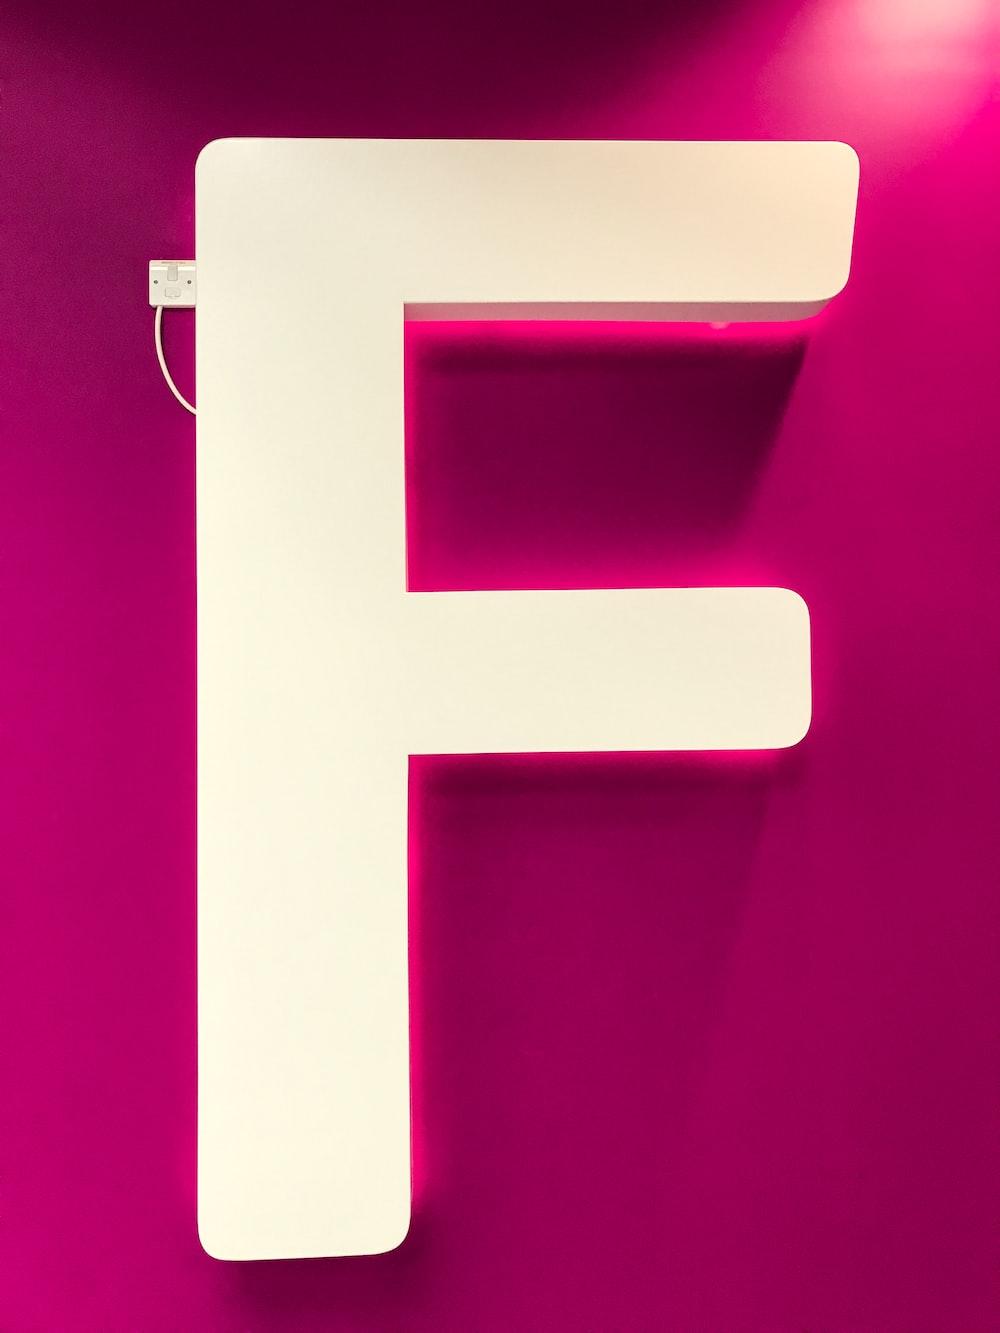 letter F signage